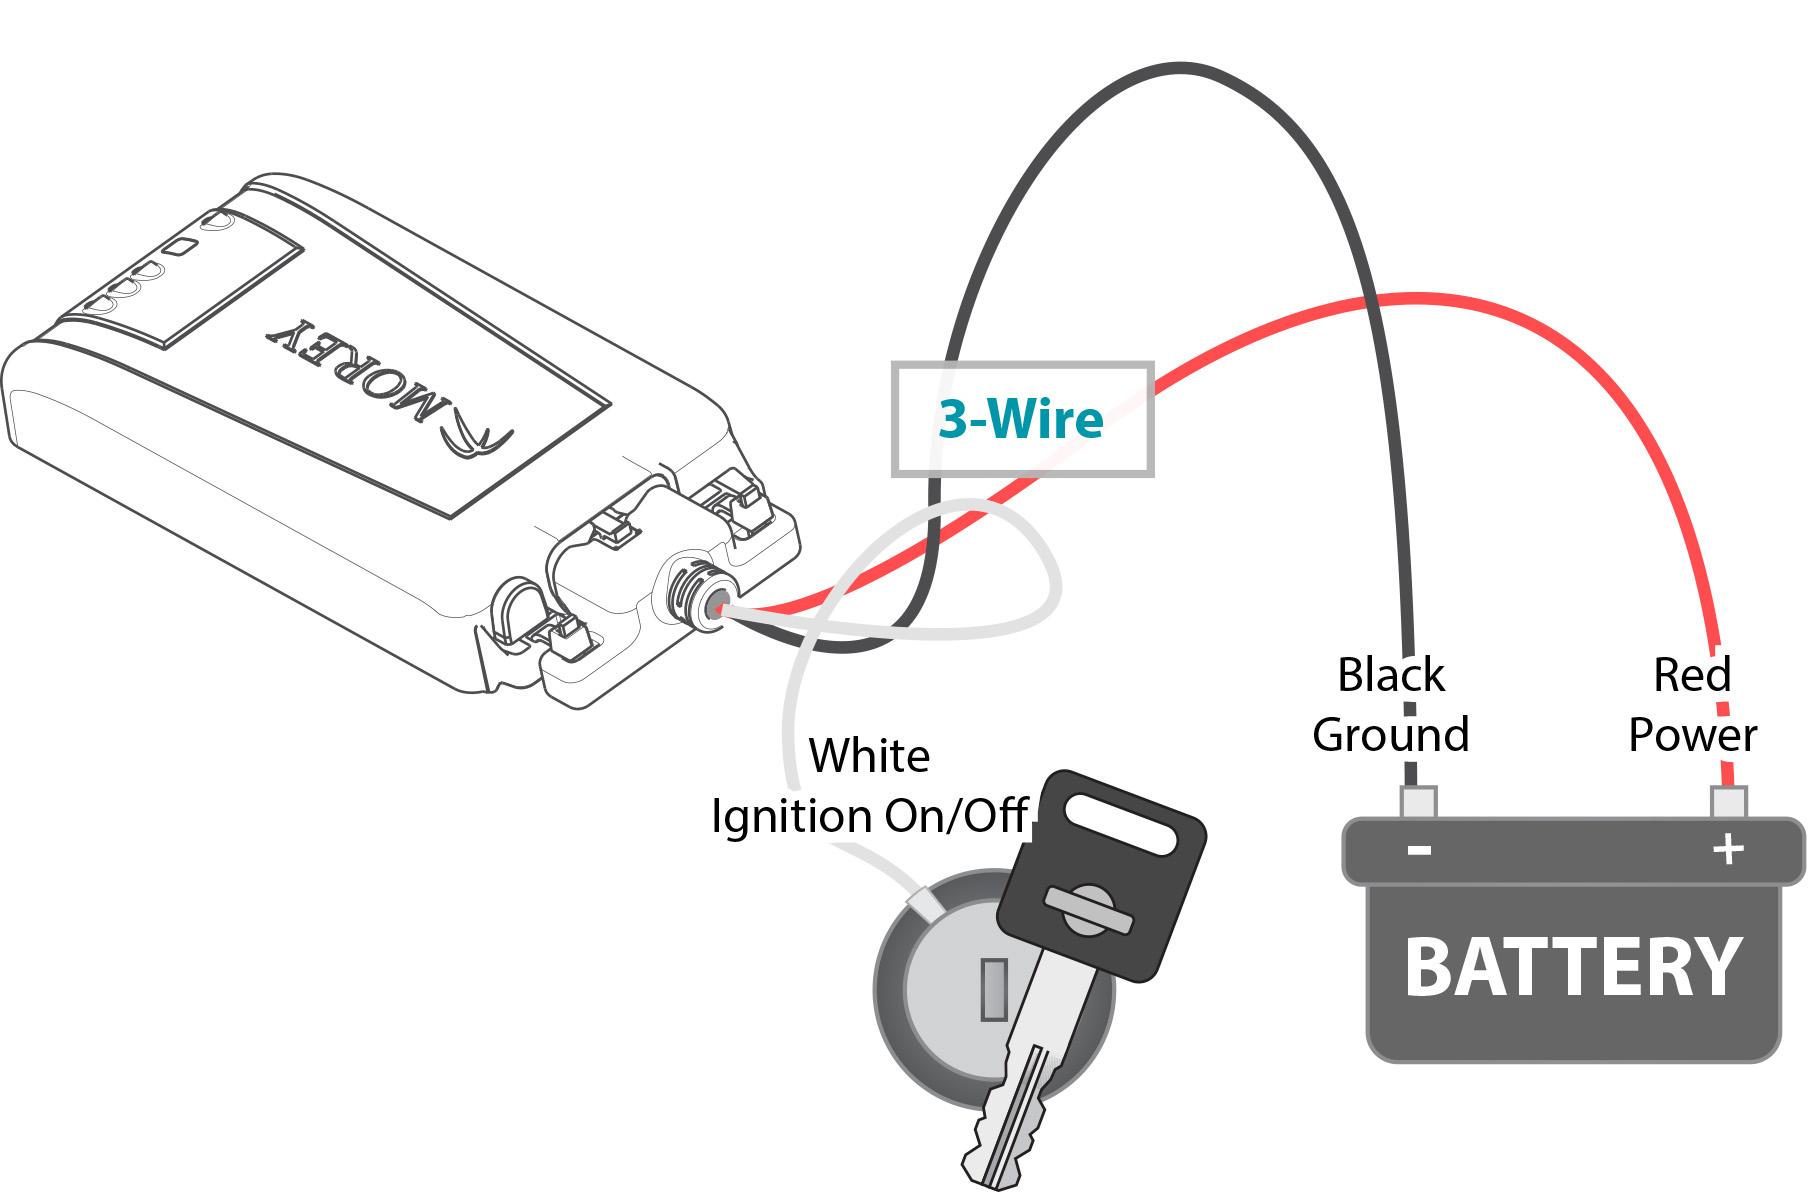 MC 3-Wire Configuration